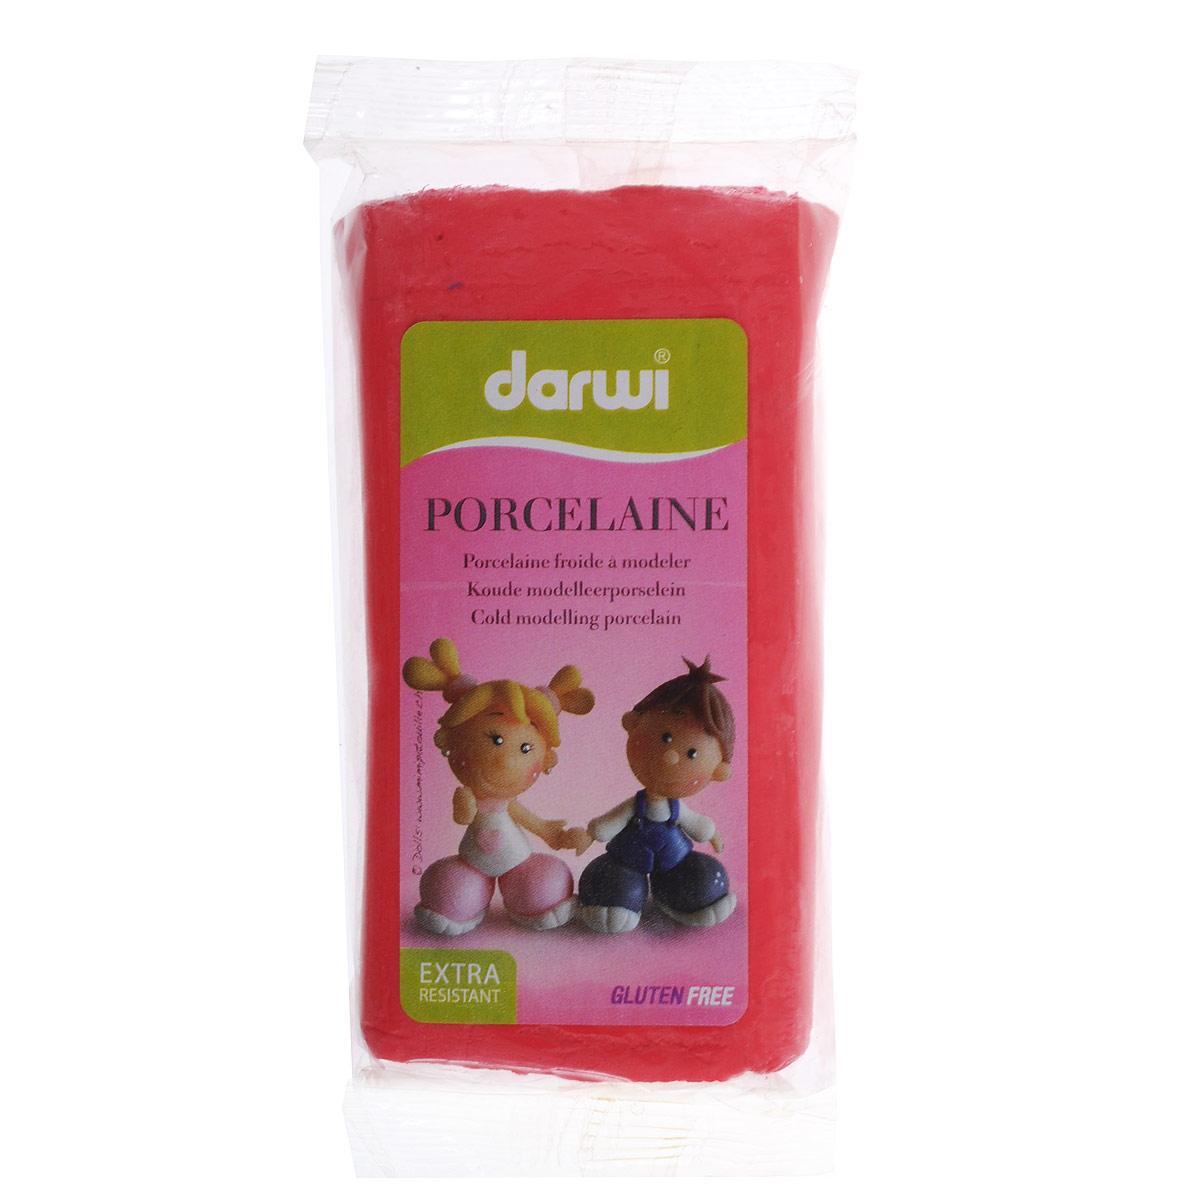 Масса для лепки Darwi Porcelaine, цвет: красный (400), 150 г357002_400Масса Darwi Porcelaine - это самозатвердевающая полимерная глина, предназначенная для лепки. Уже готова к использованию. После полного высыхания (от нескольких часов до нескольких дней в зависимости от размера работы) масса становится очень твердой и дает небольшую усадку. Влагоустойчива при высыхании. После отверждения можно покрывать лаком, красками. Не рекомендуется давать детям до 3-х лет. Транспортировка и хранение массы возможно при температуре 5-25°С.